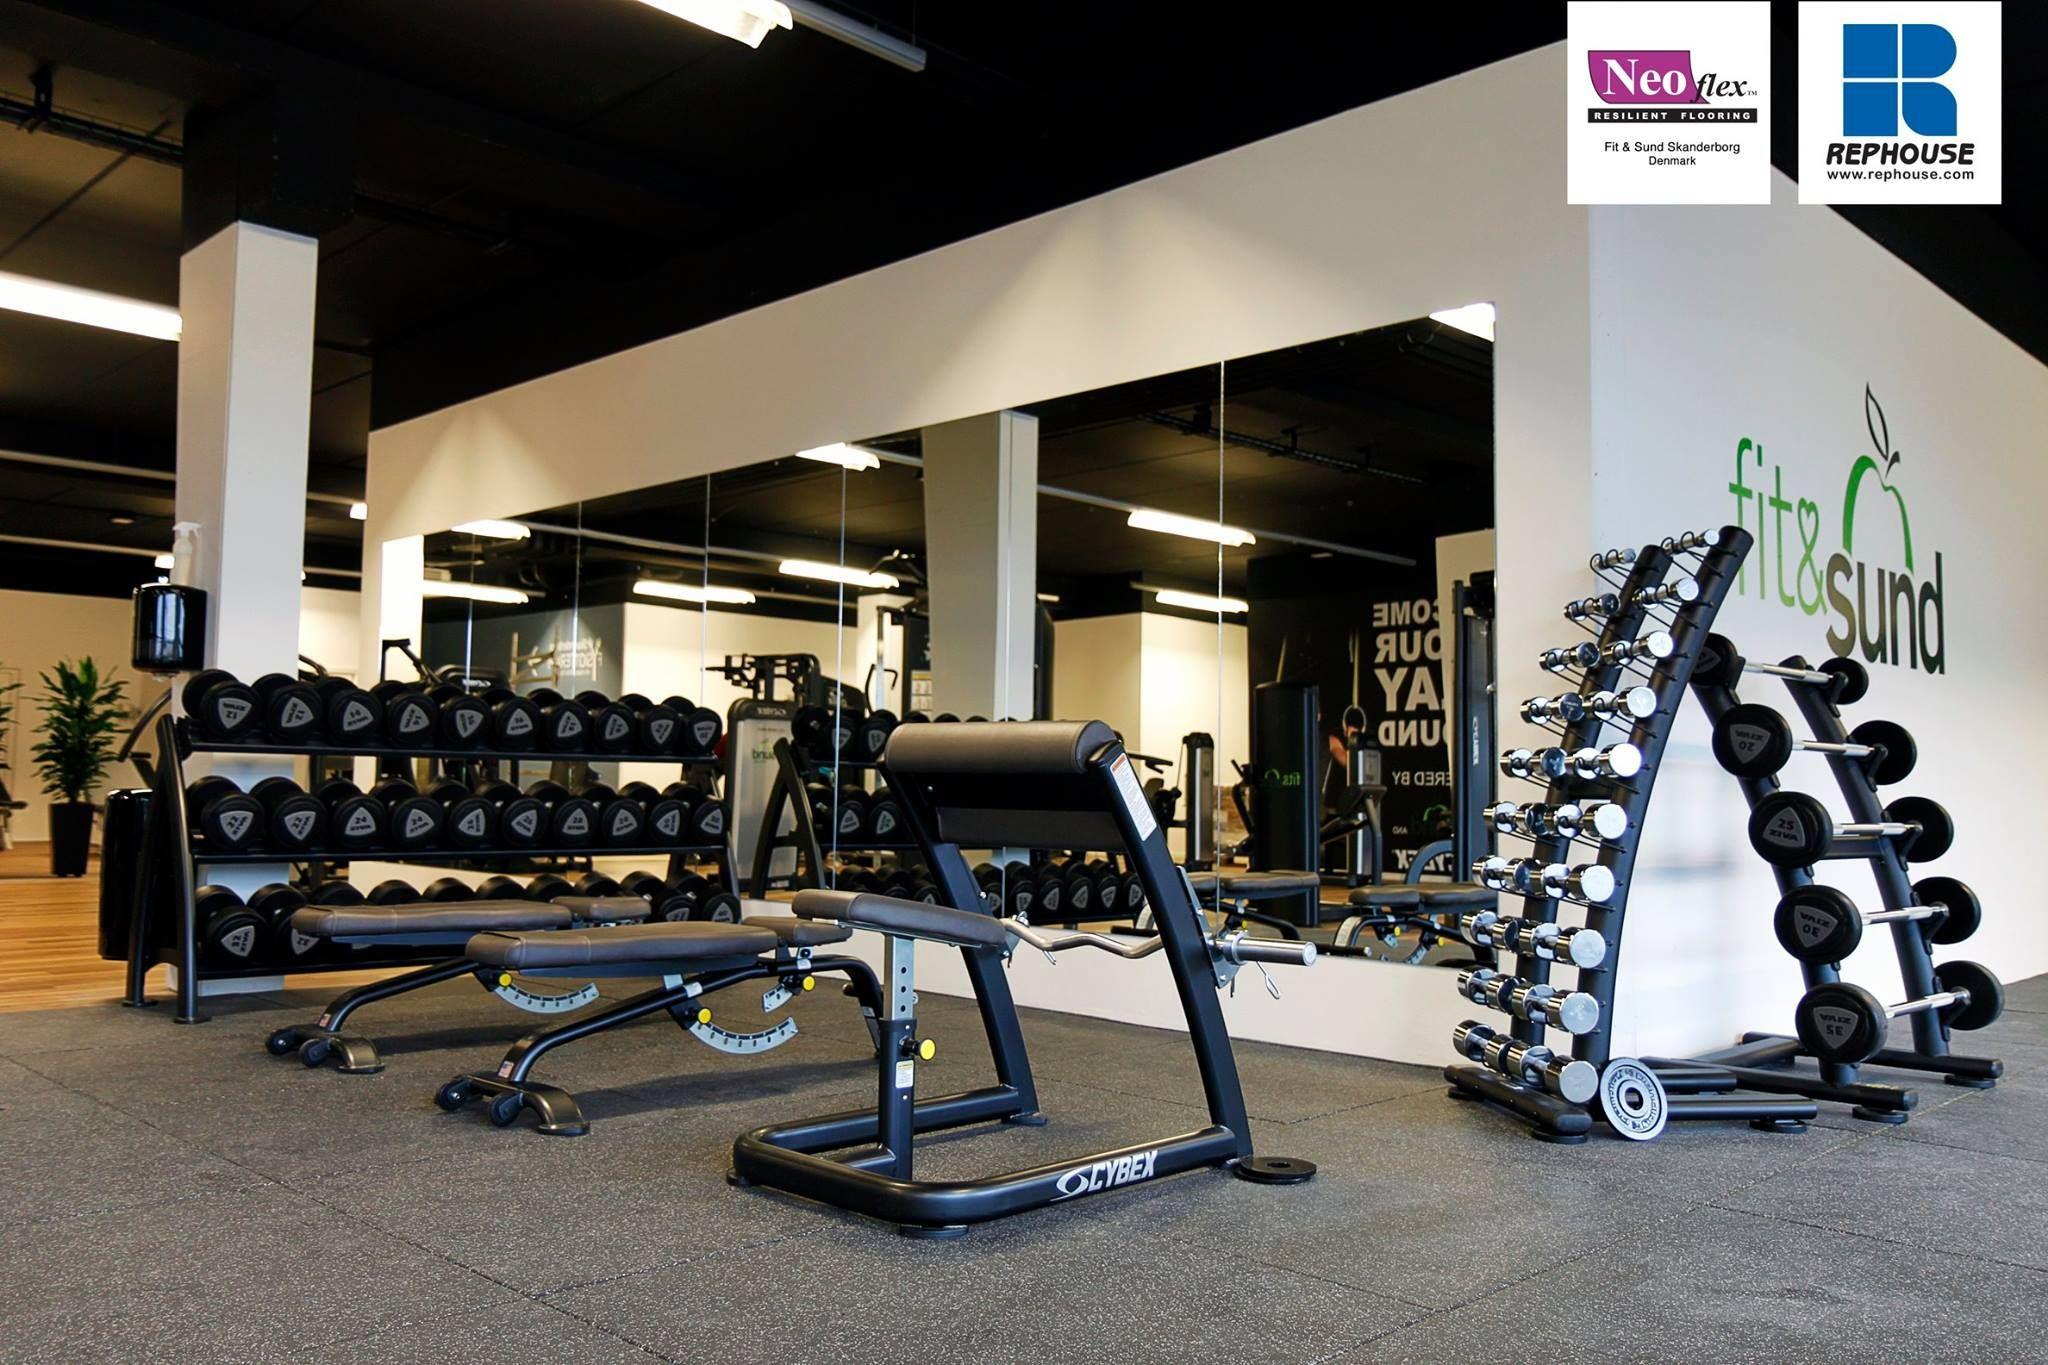 Neoflex Premium Gym Tiles Fit Sund Denmark Gym Flooring Rubber Gym Flooring Gym Design